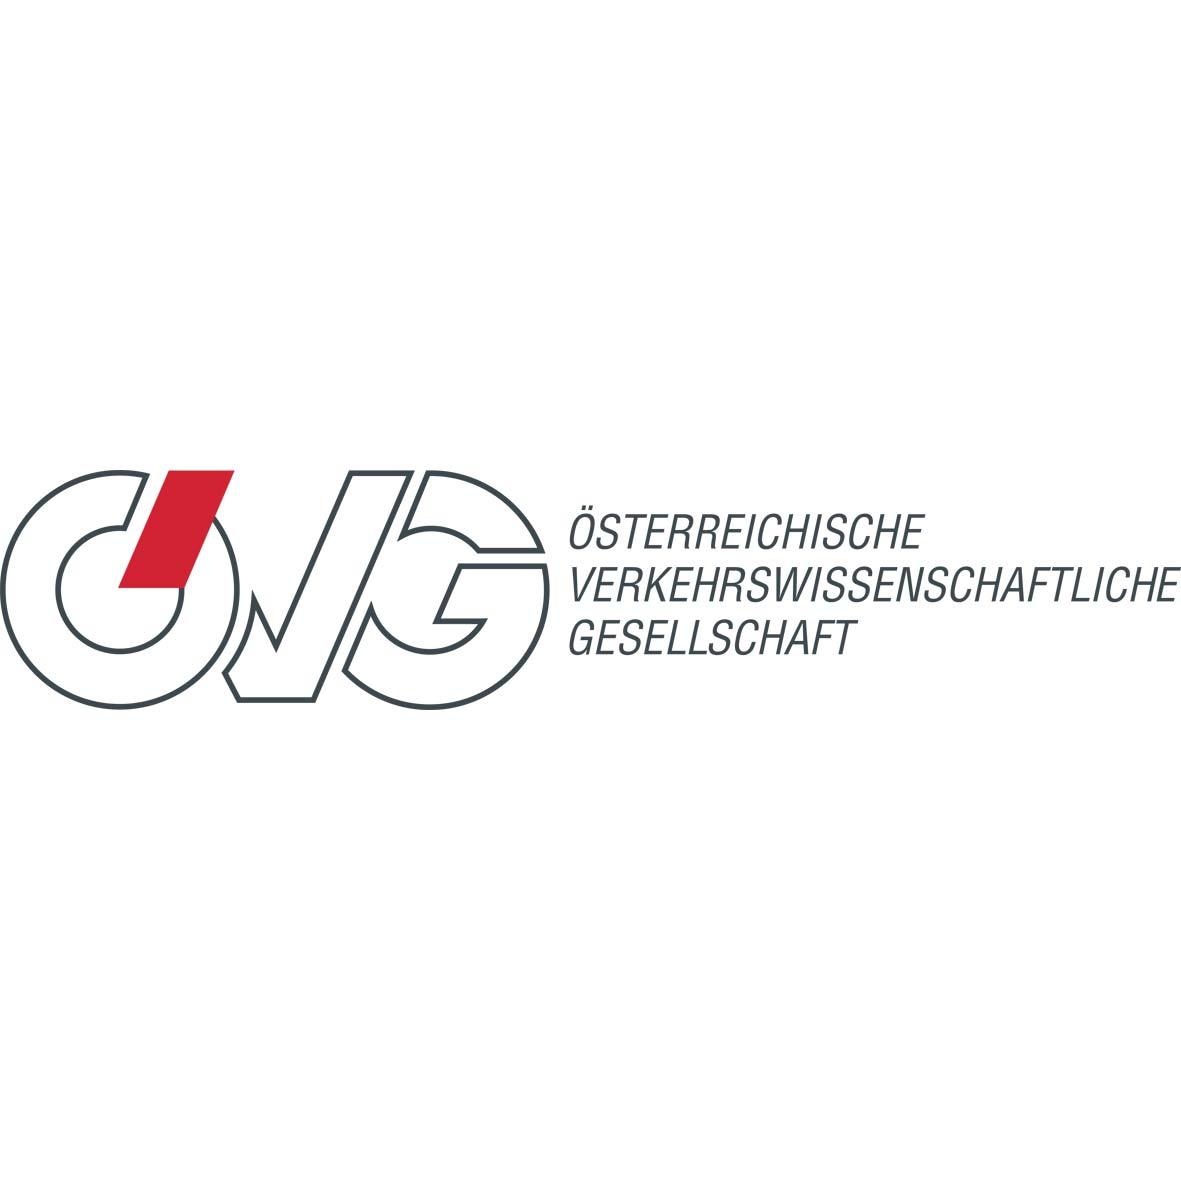 oevg_logo0119_web-1.jpg